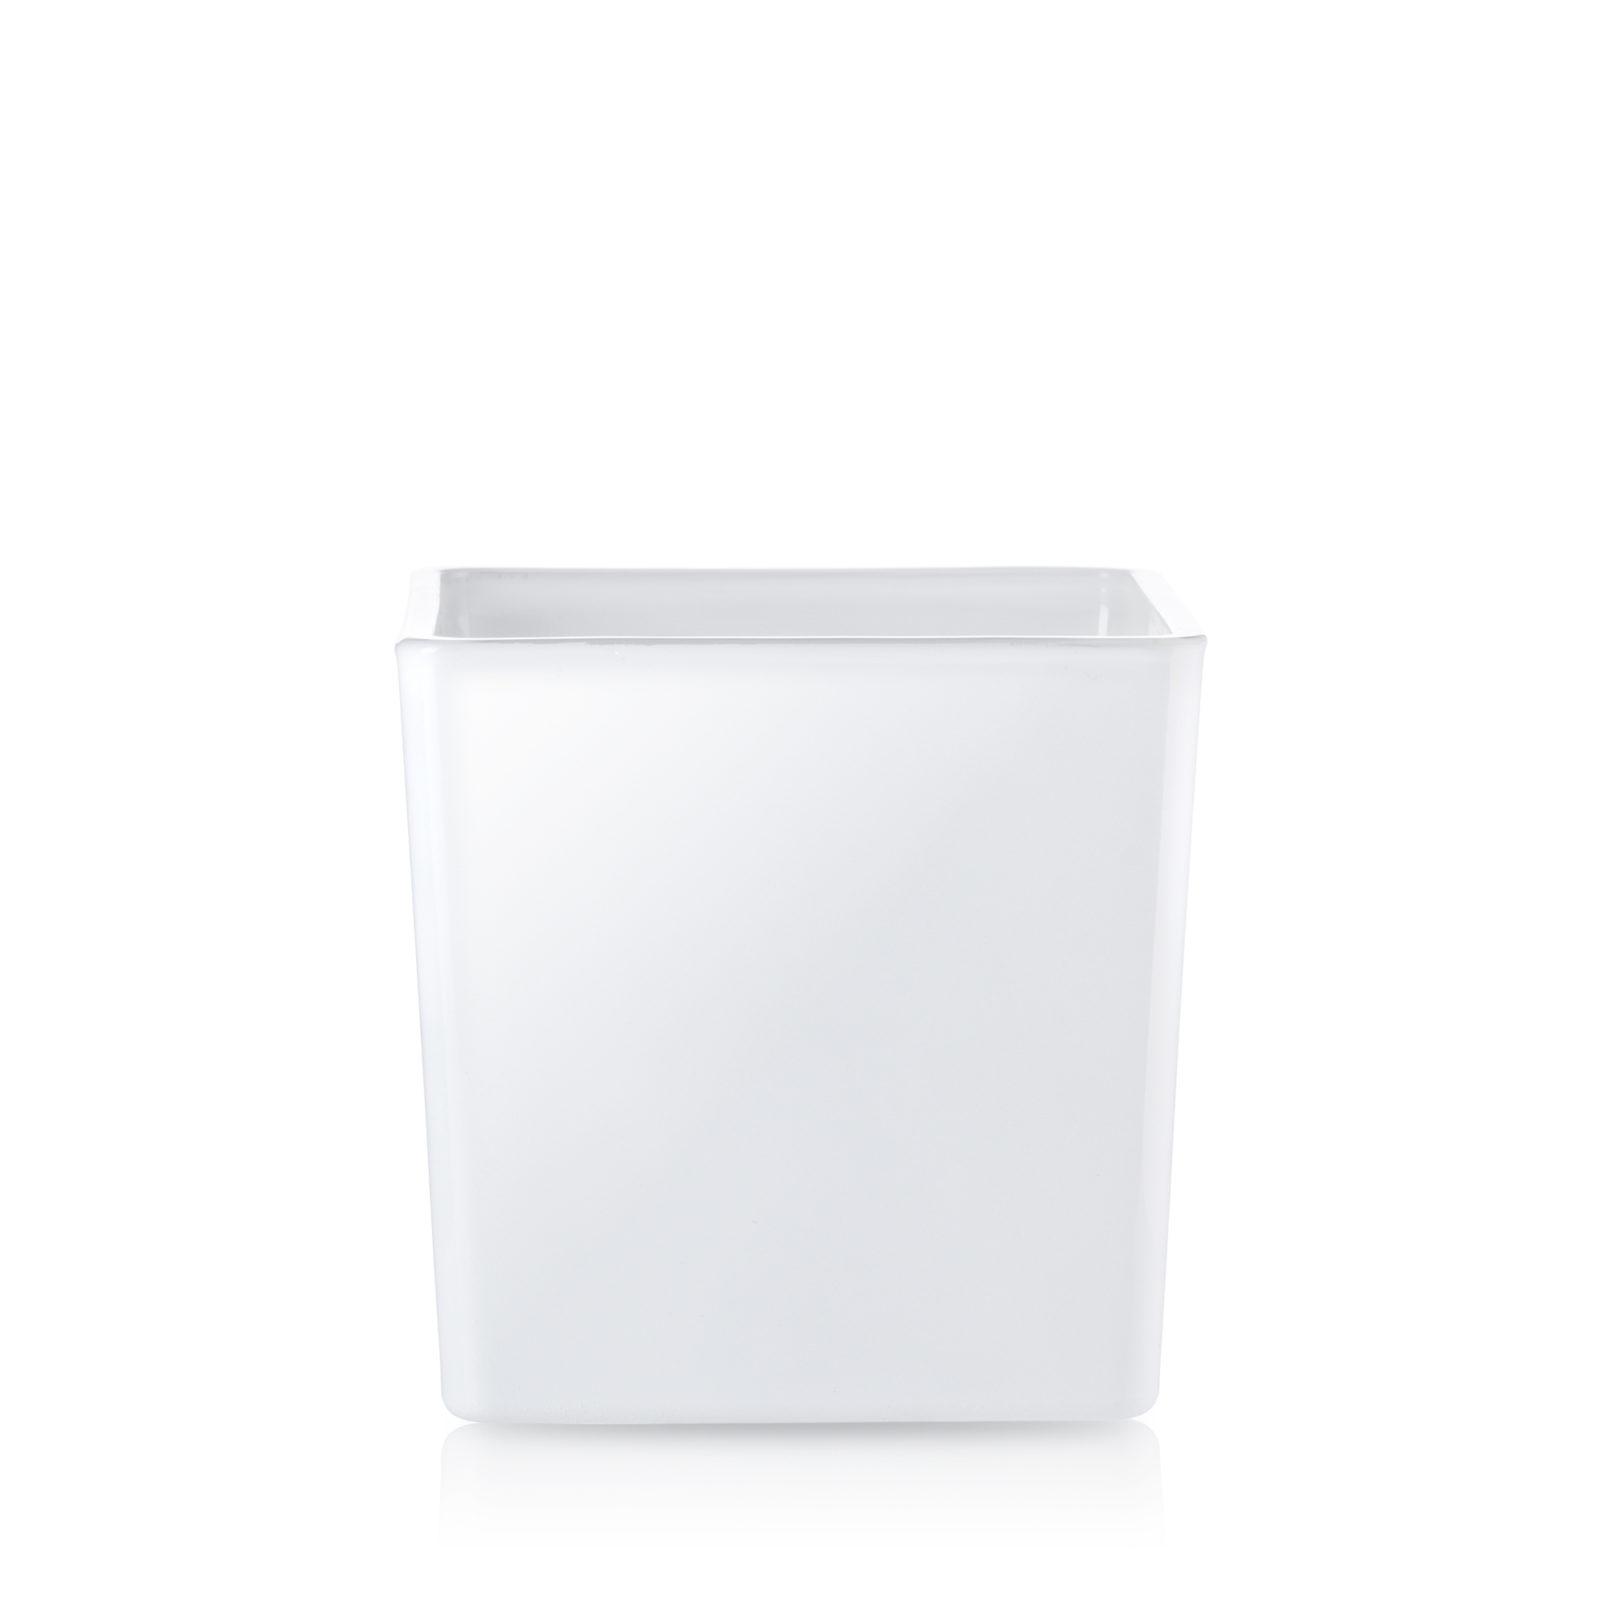 Osłonka doniczka kwadratowa, szklana biały połysk